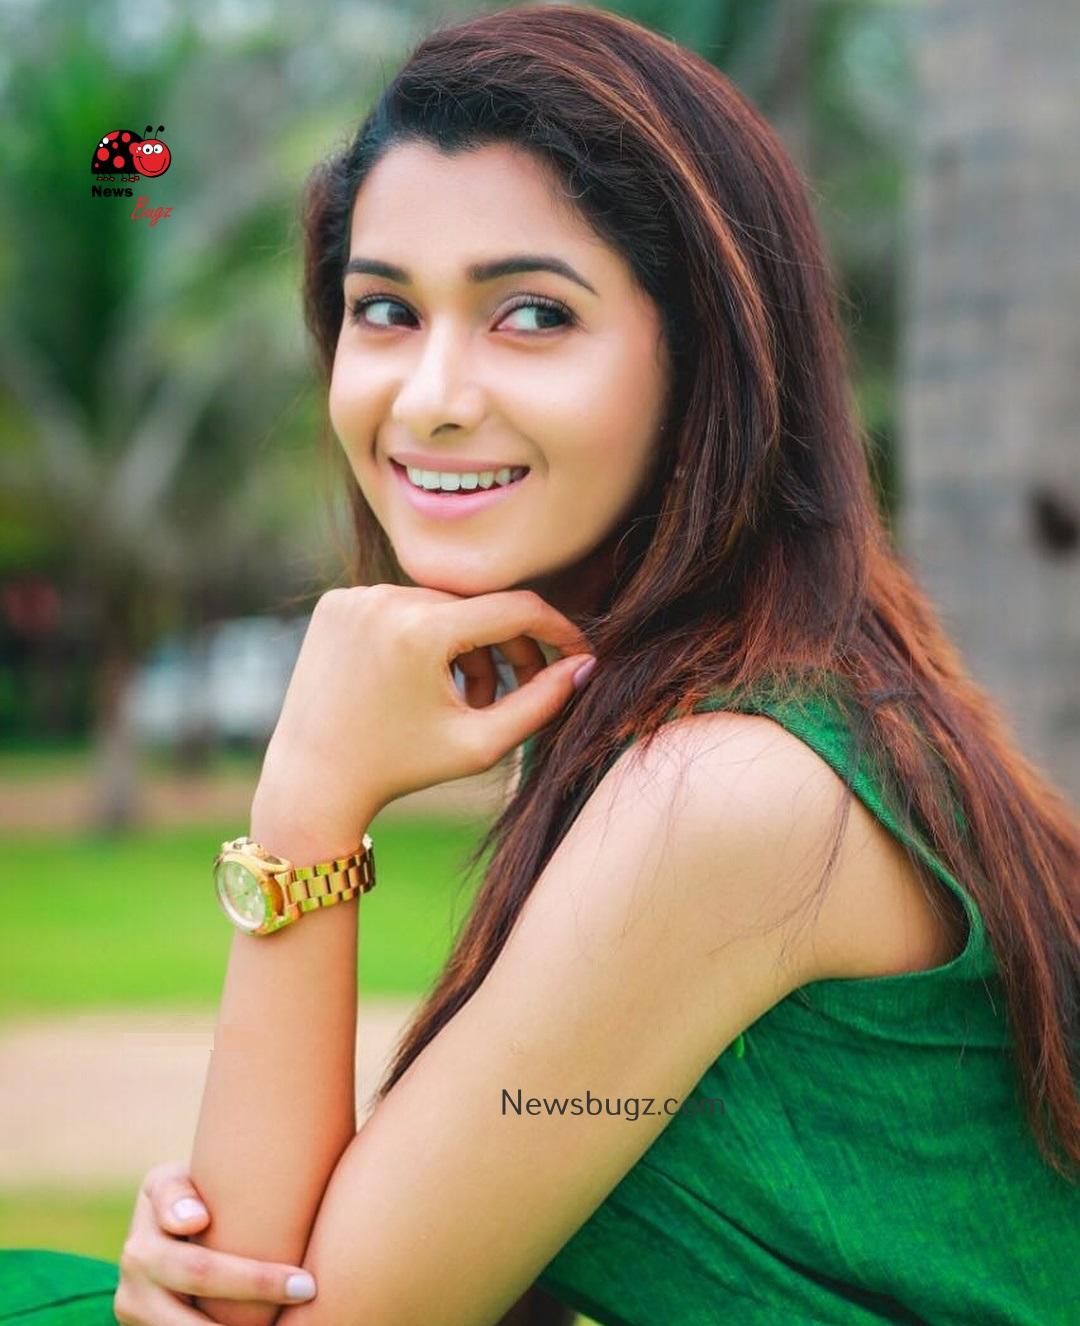 Priya Bhavani Shankar Behindwoods: Priya Bhavani Shankar Images (15)